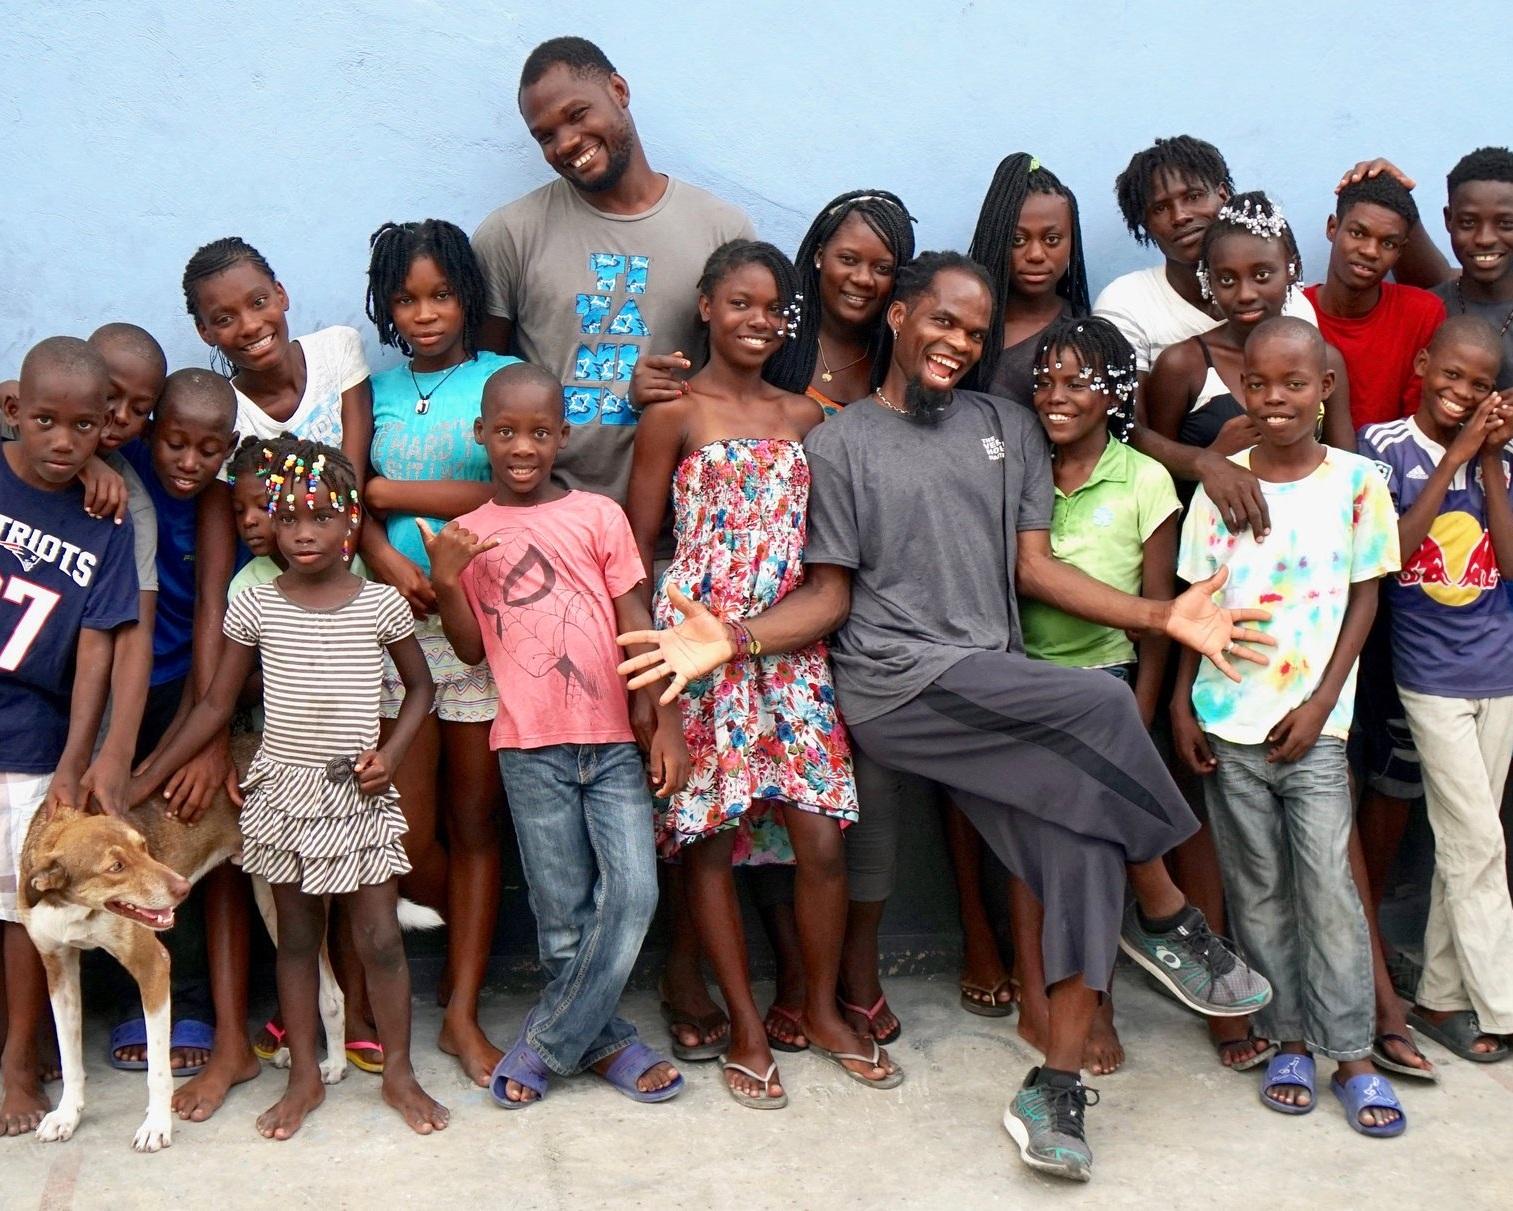 Children's Home - Providing a loving home for abandoned children